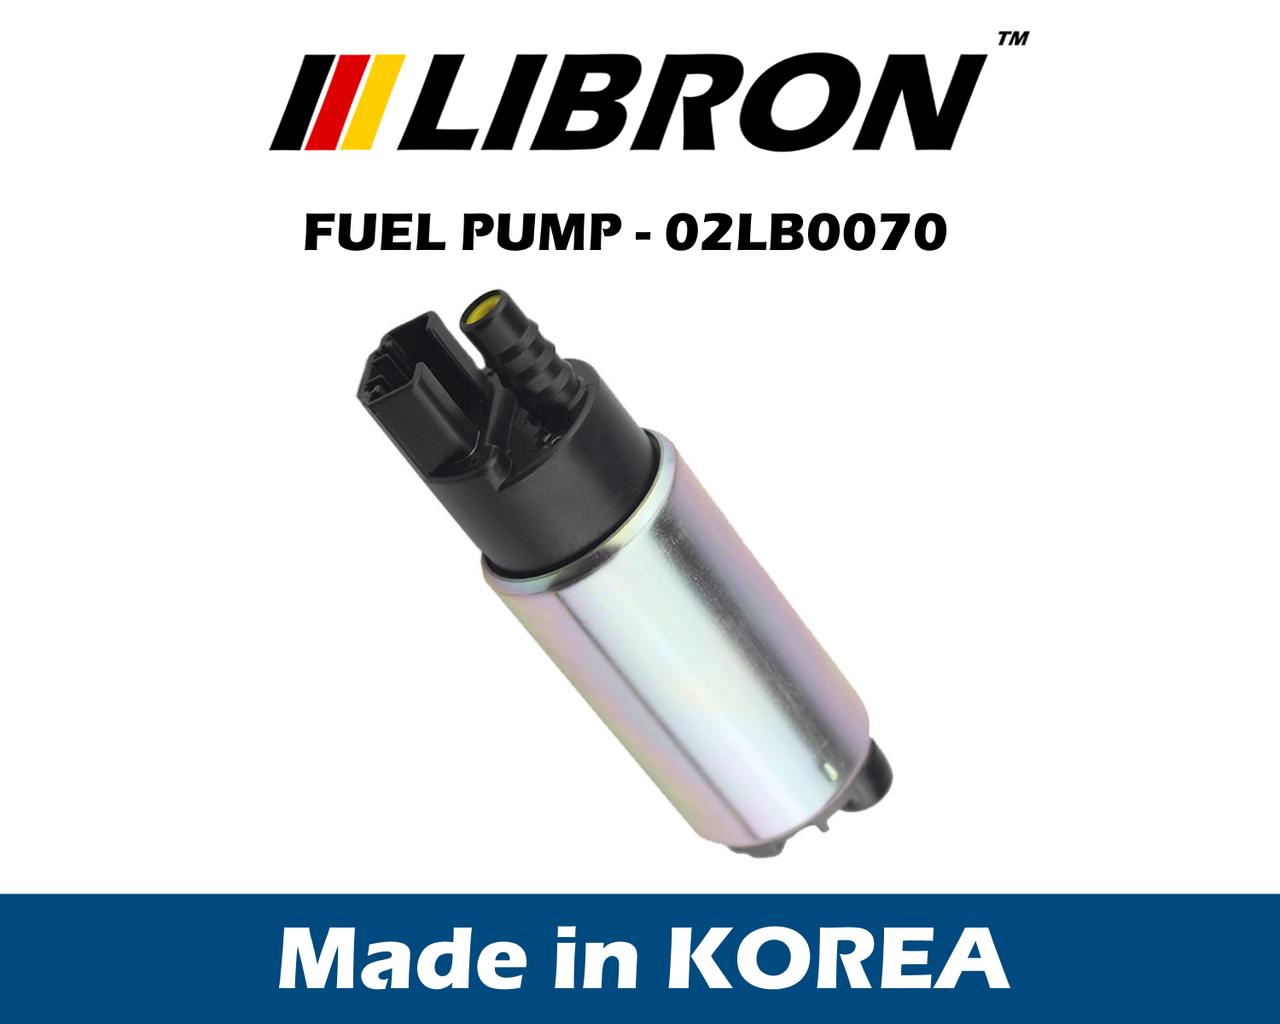 Бензонасос LIBRON 02LB0070 - MAZDA 626 IV Hatchback (GE) (1992-1997)